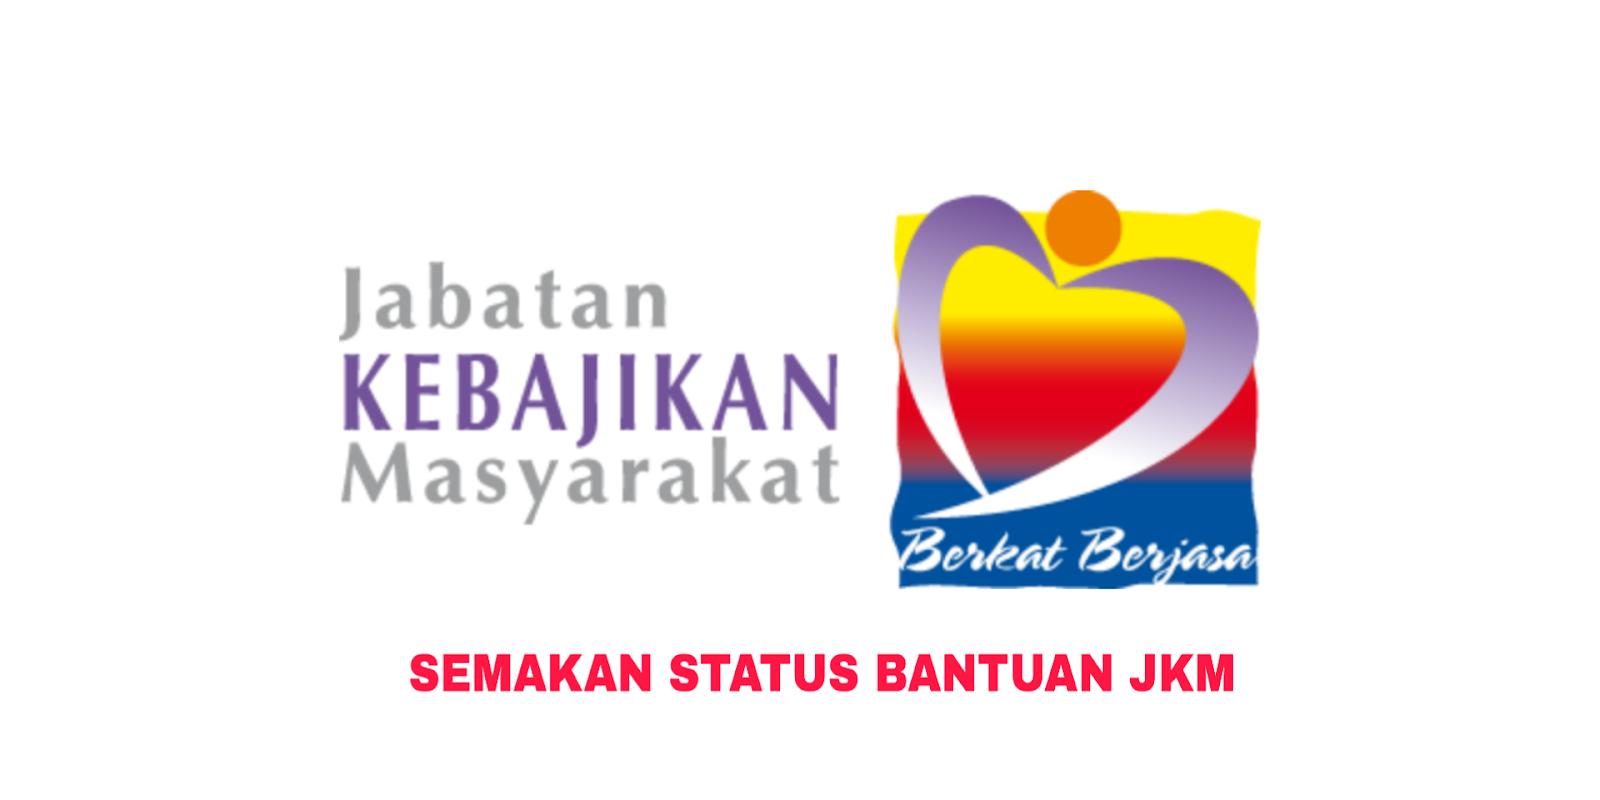 Semakan Status Bantuan Jkm 2020 Online Jabatan Kebajikan Masyarakat My Panduan